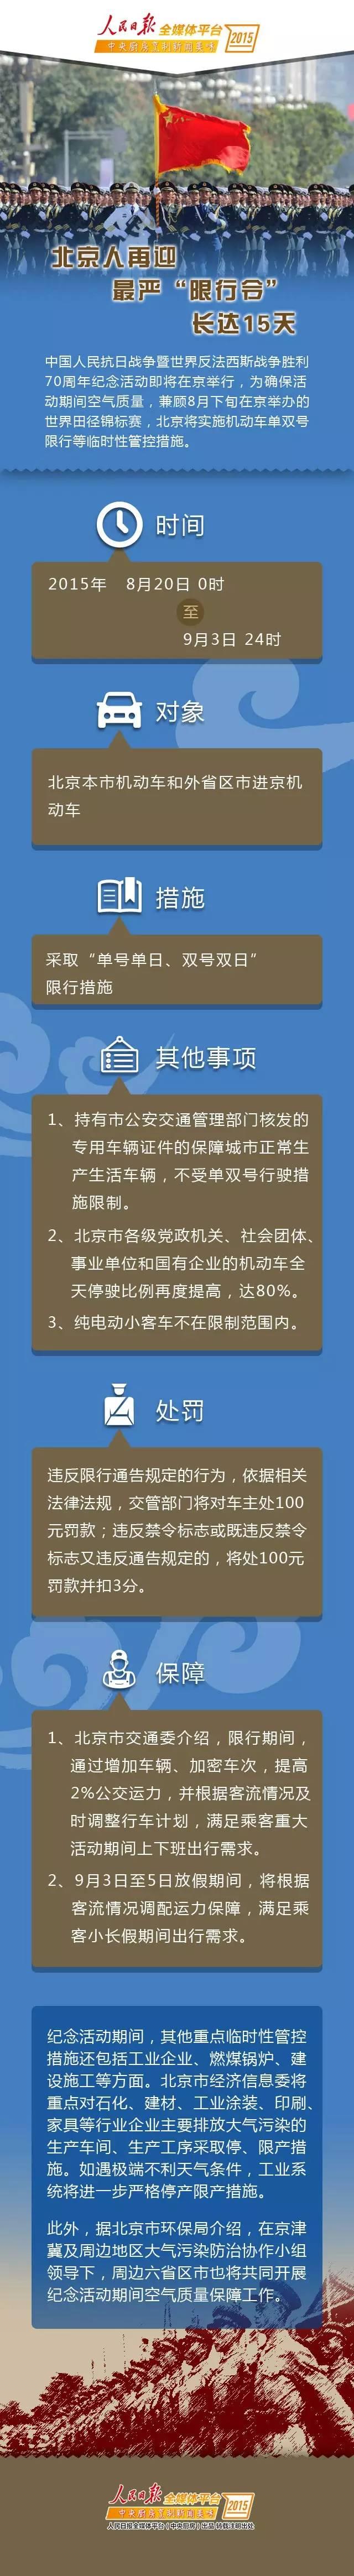 """【学习大国】北京人再迎最严""""限行令"""",长达15天(图解)"""